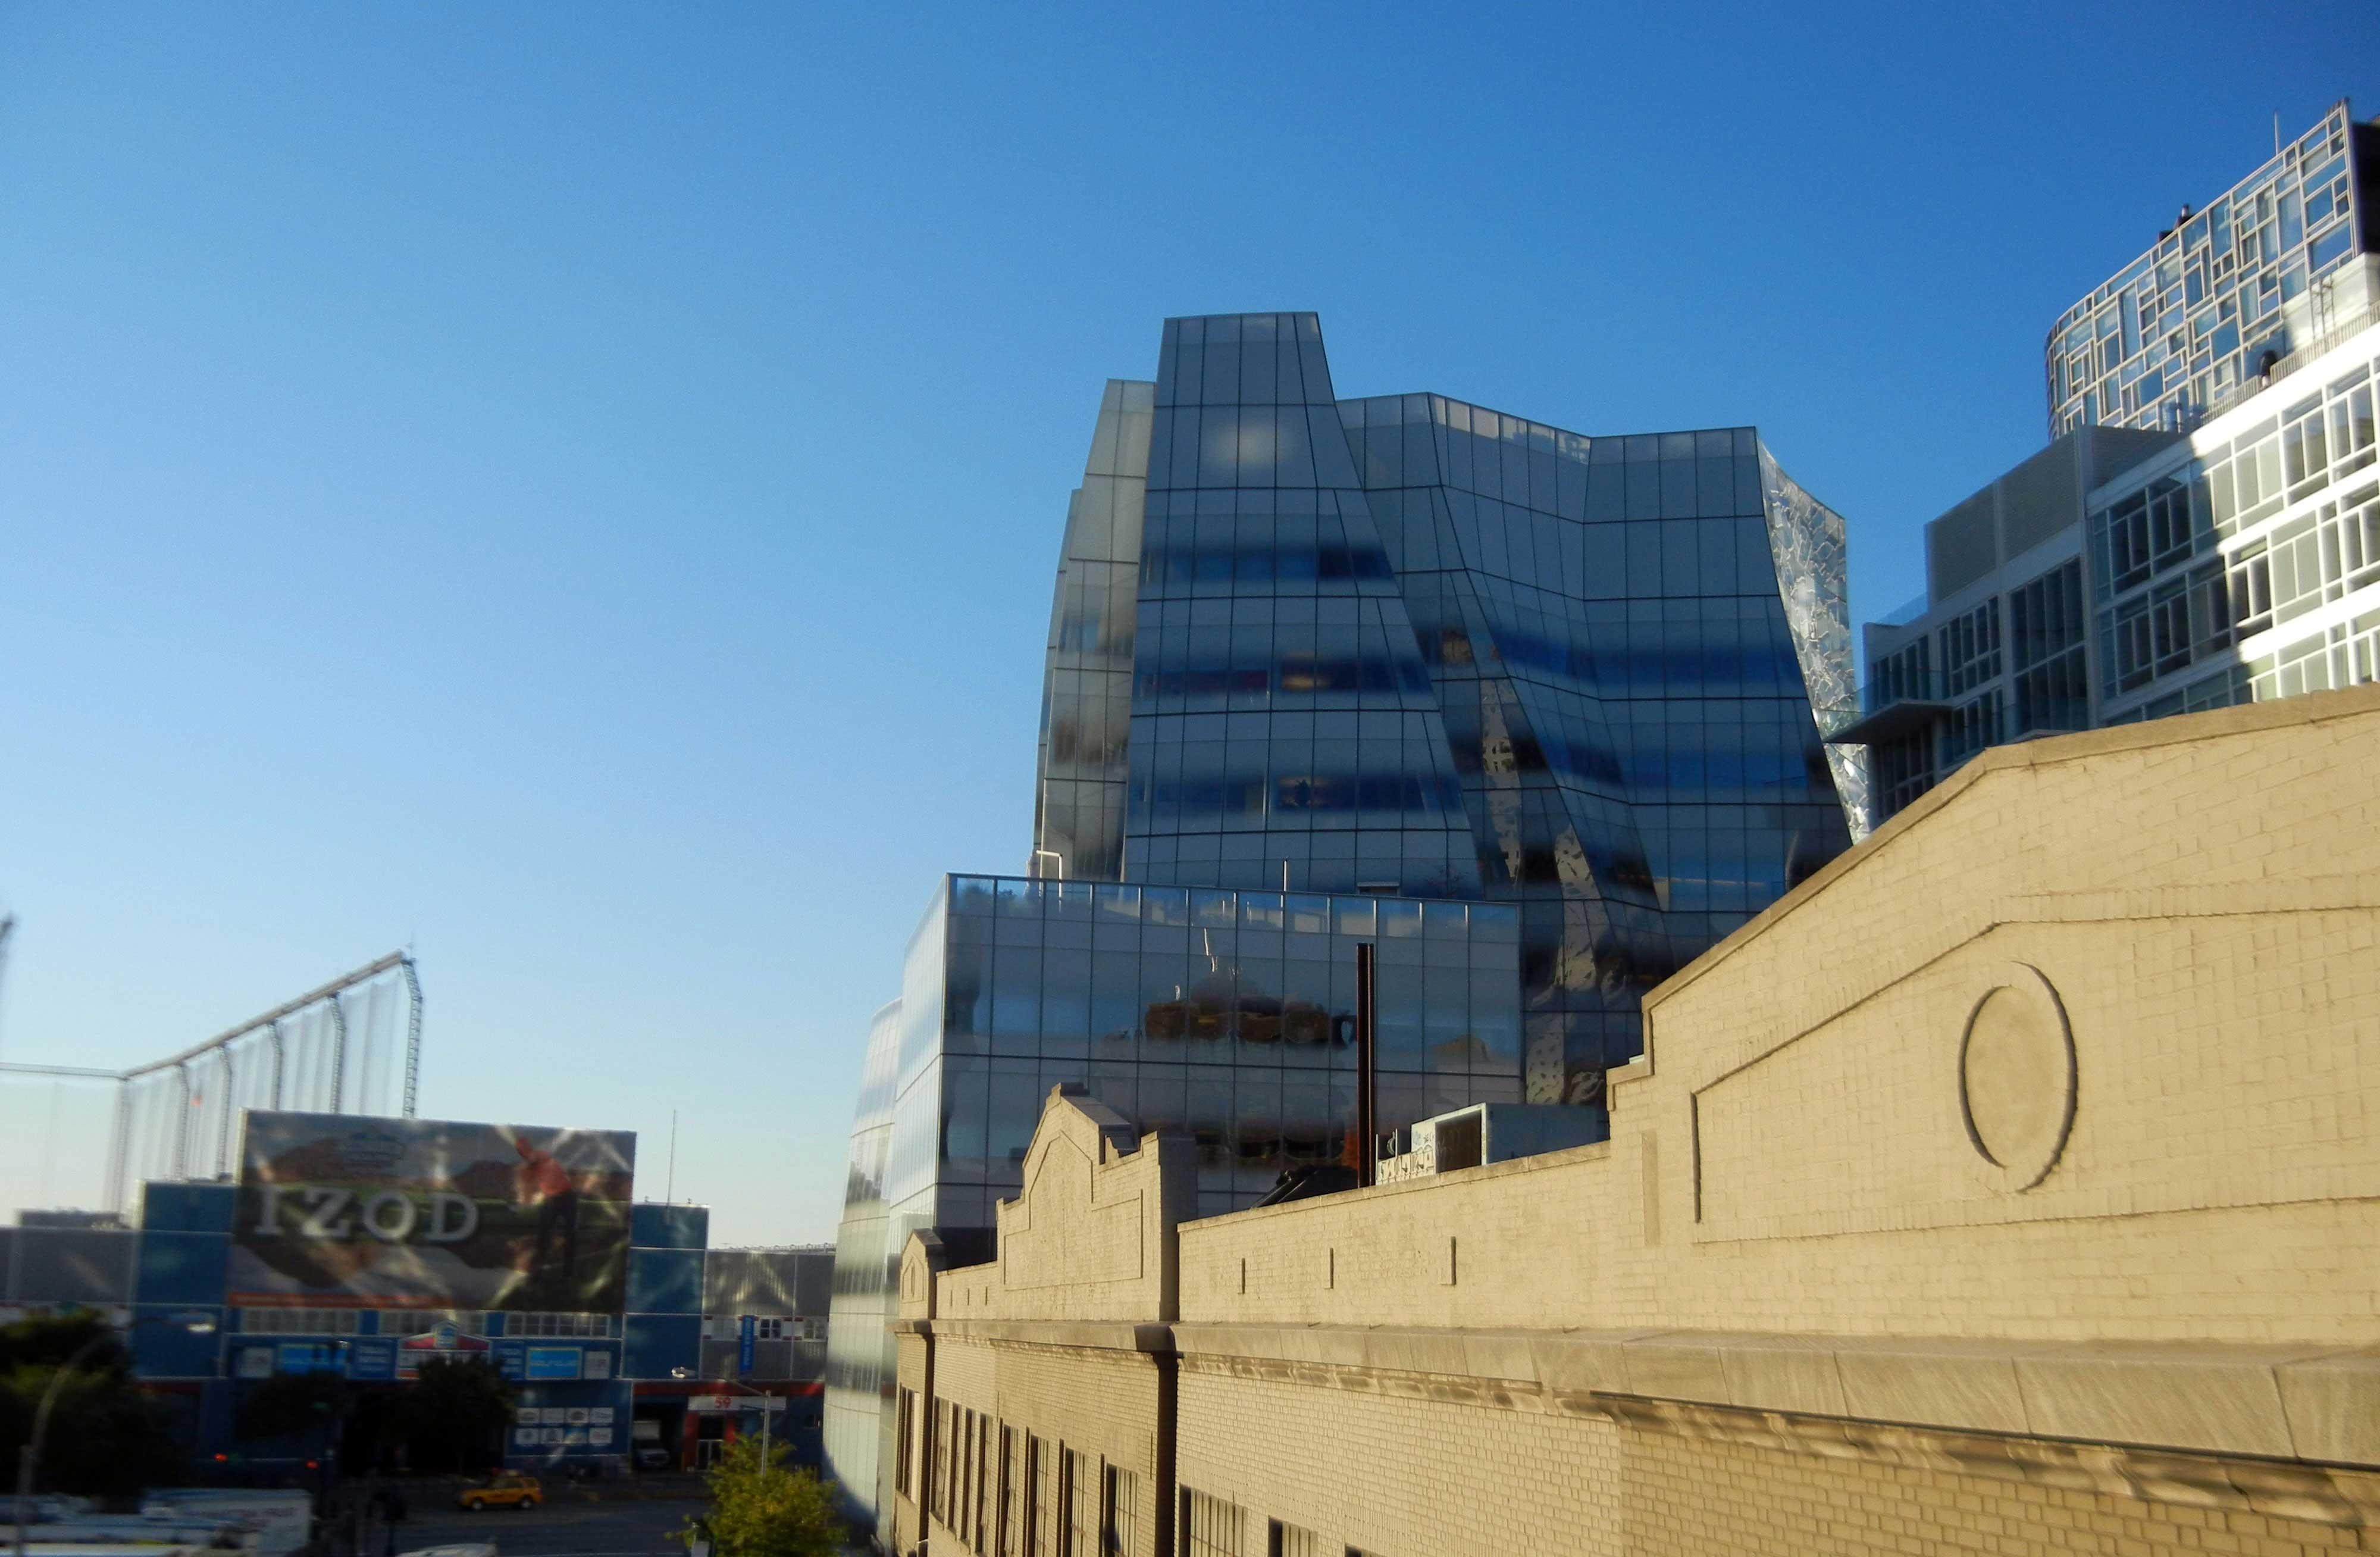 בניינים של אדריכלים ידועי שם לאורך ציר ההייליין בניו יורק